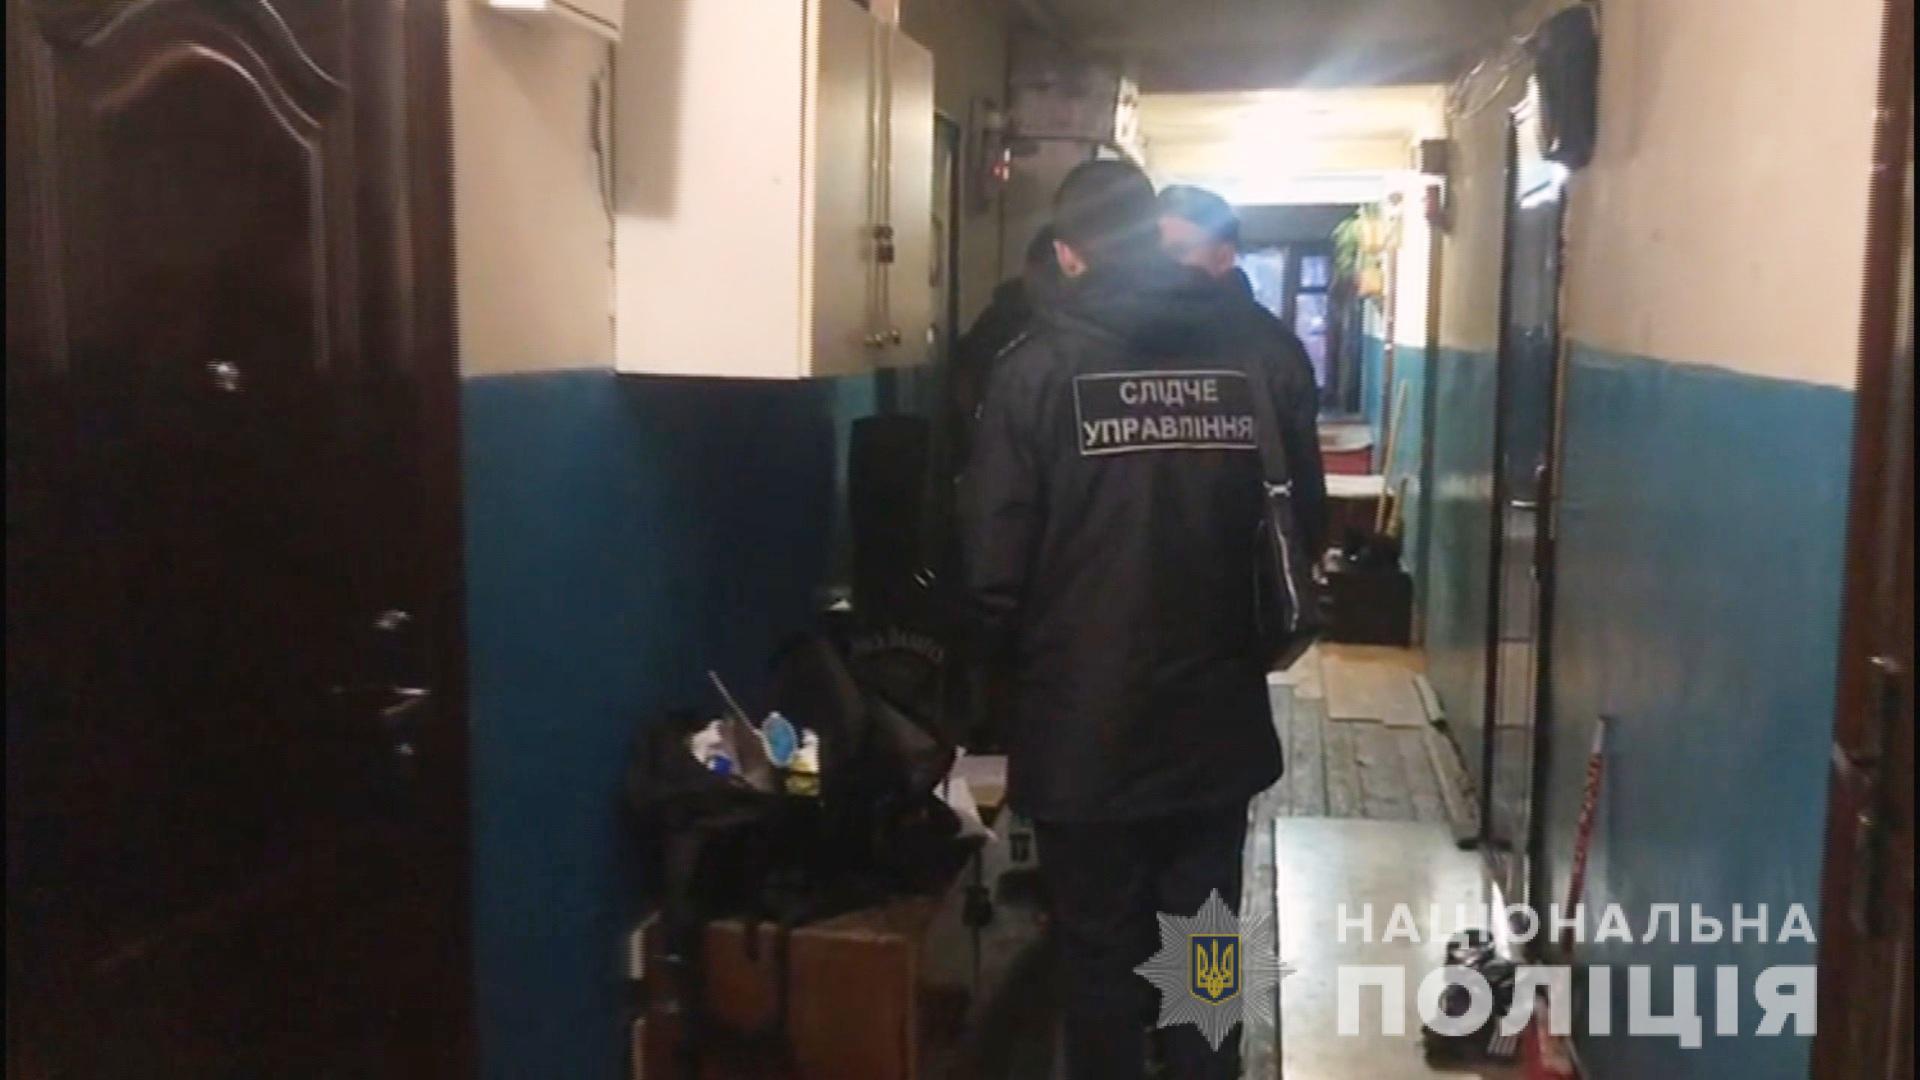 В Одессе прогремел взрыв в общежитии, много пострадавших: подробности